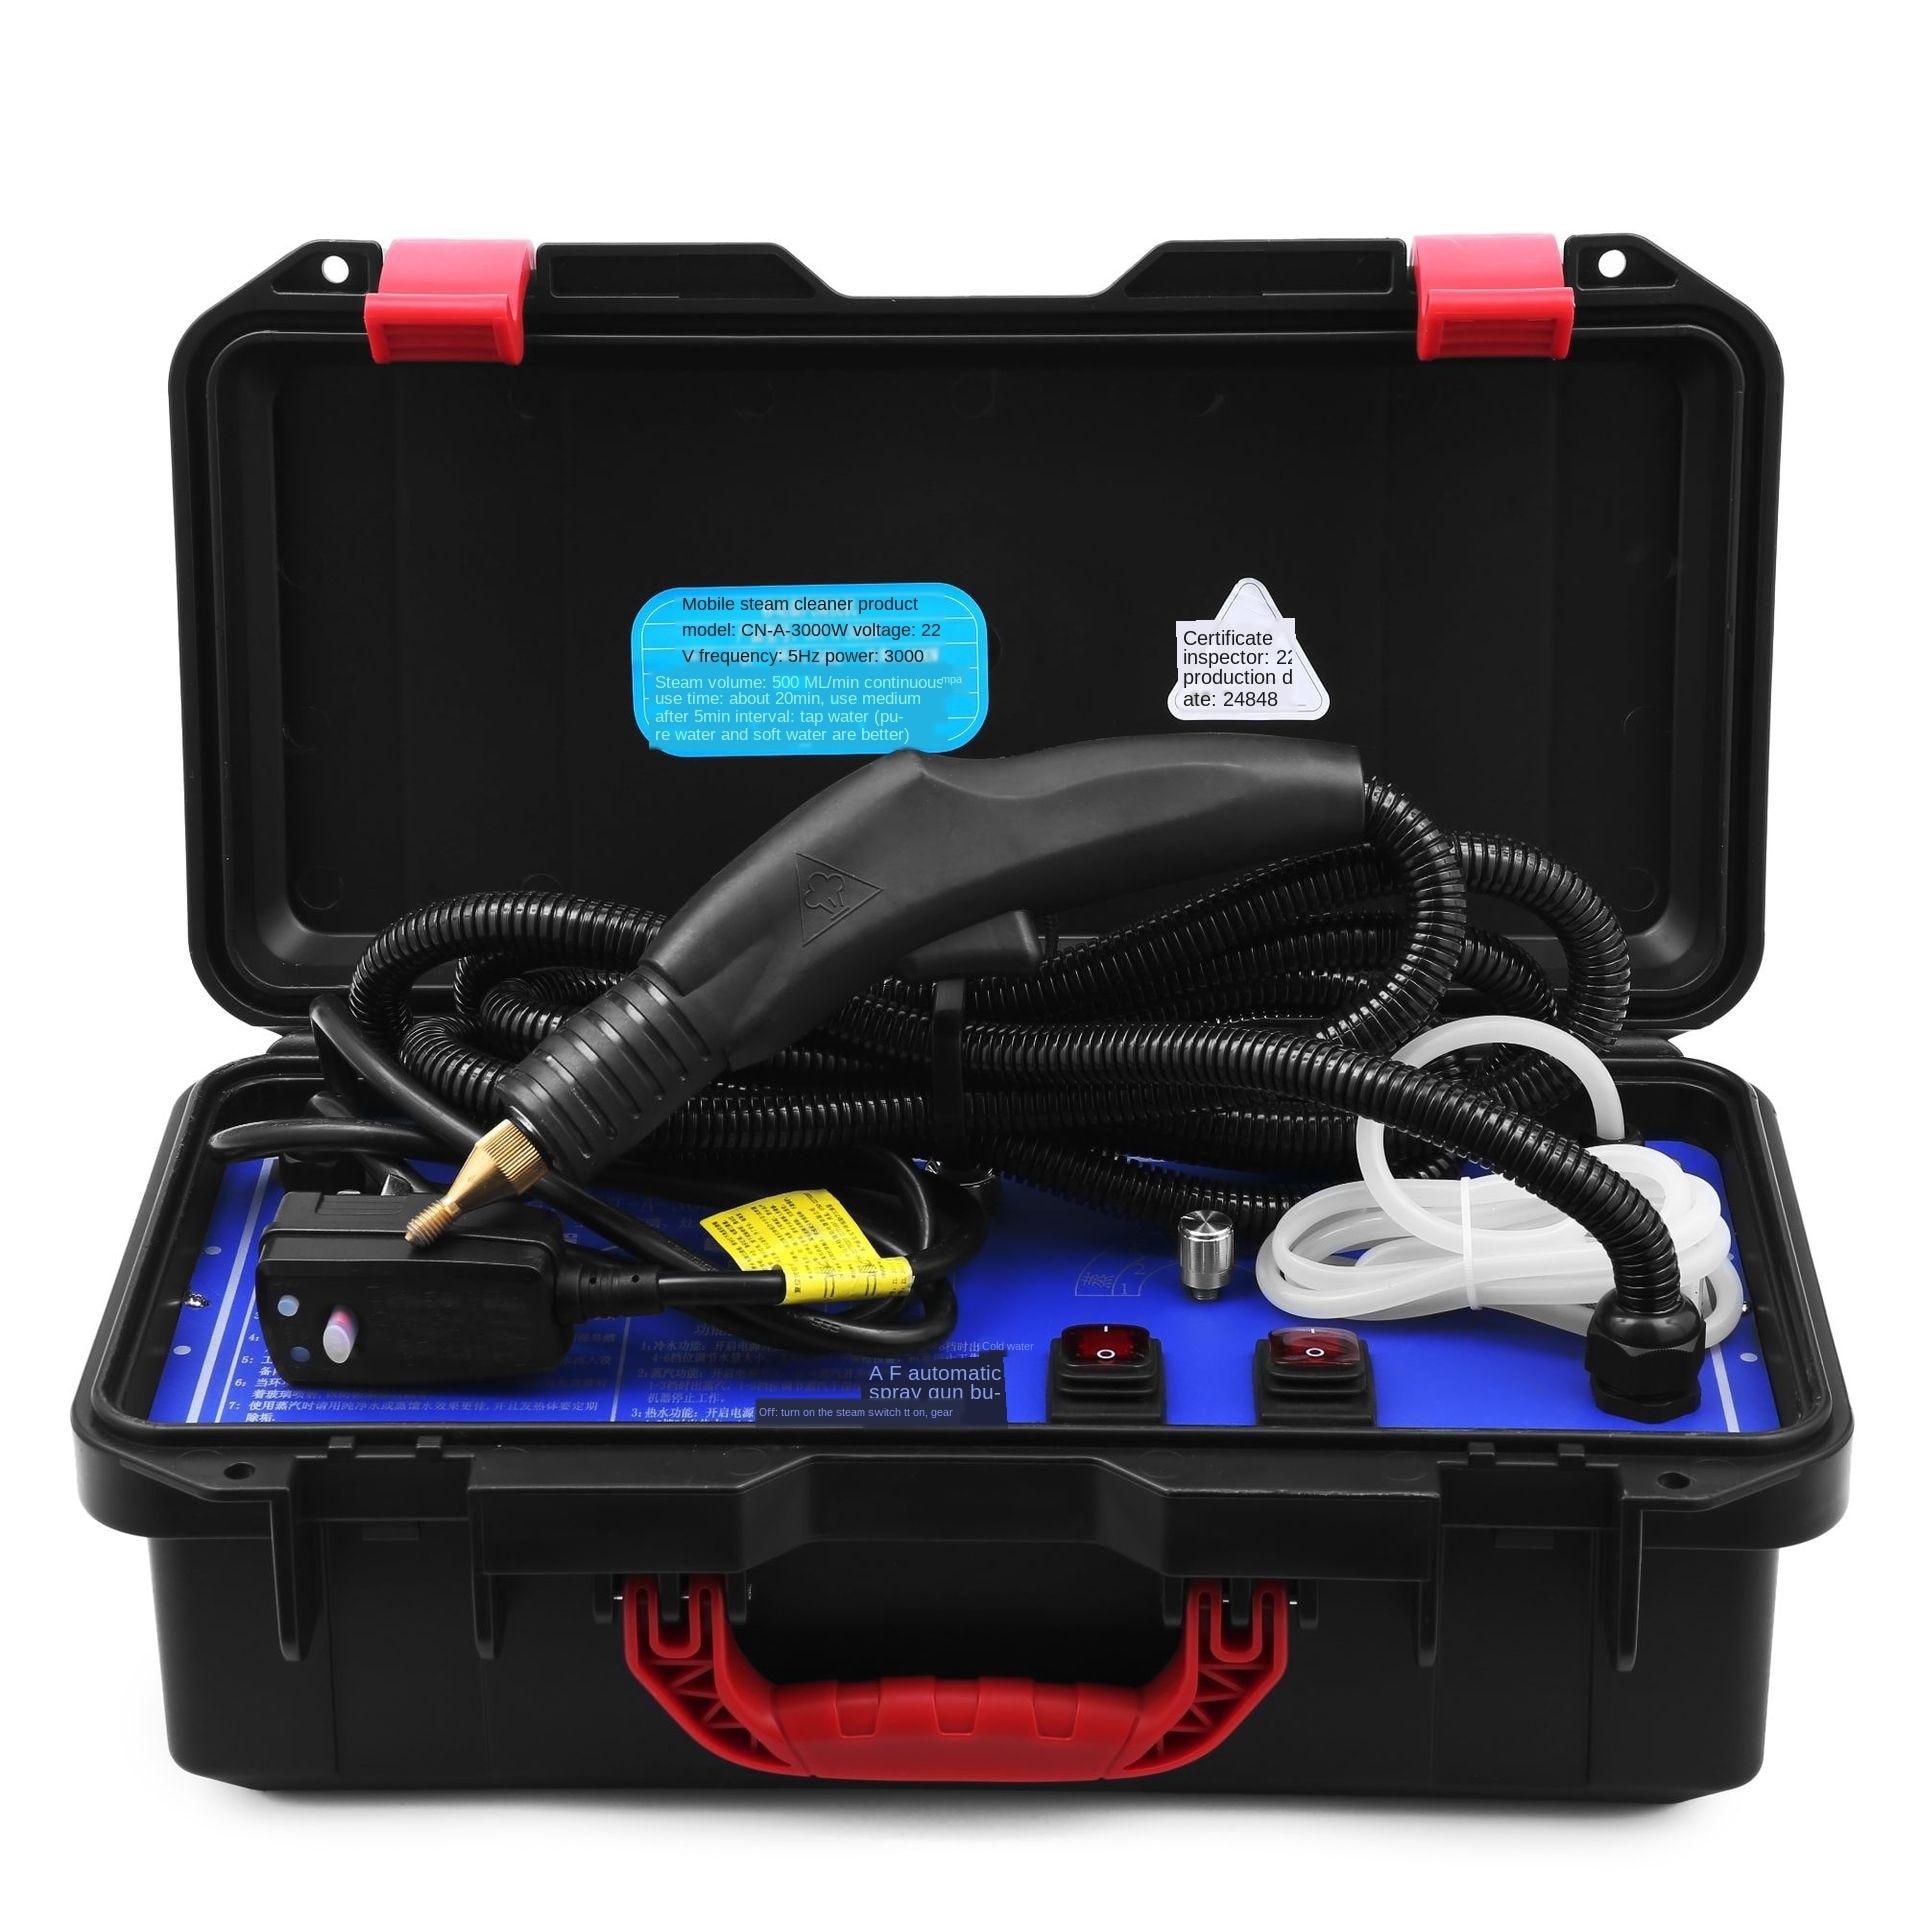 جهاز تنظيف بالبخار عالي الحرارة جهاز تنظيف بالبخار متعدد الوظائف جهاز نظافة بالبخار 220 فولت أداة يدوية قطع غيار منزلية